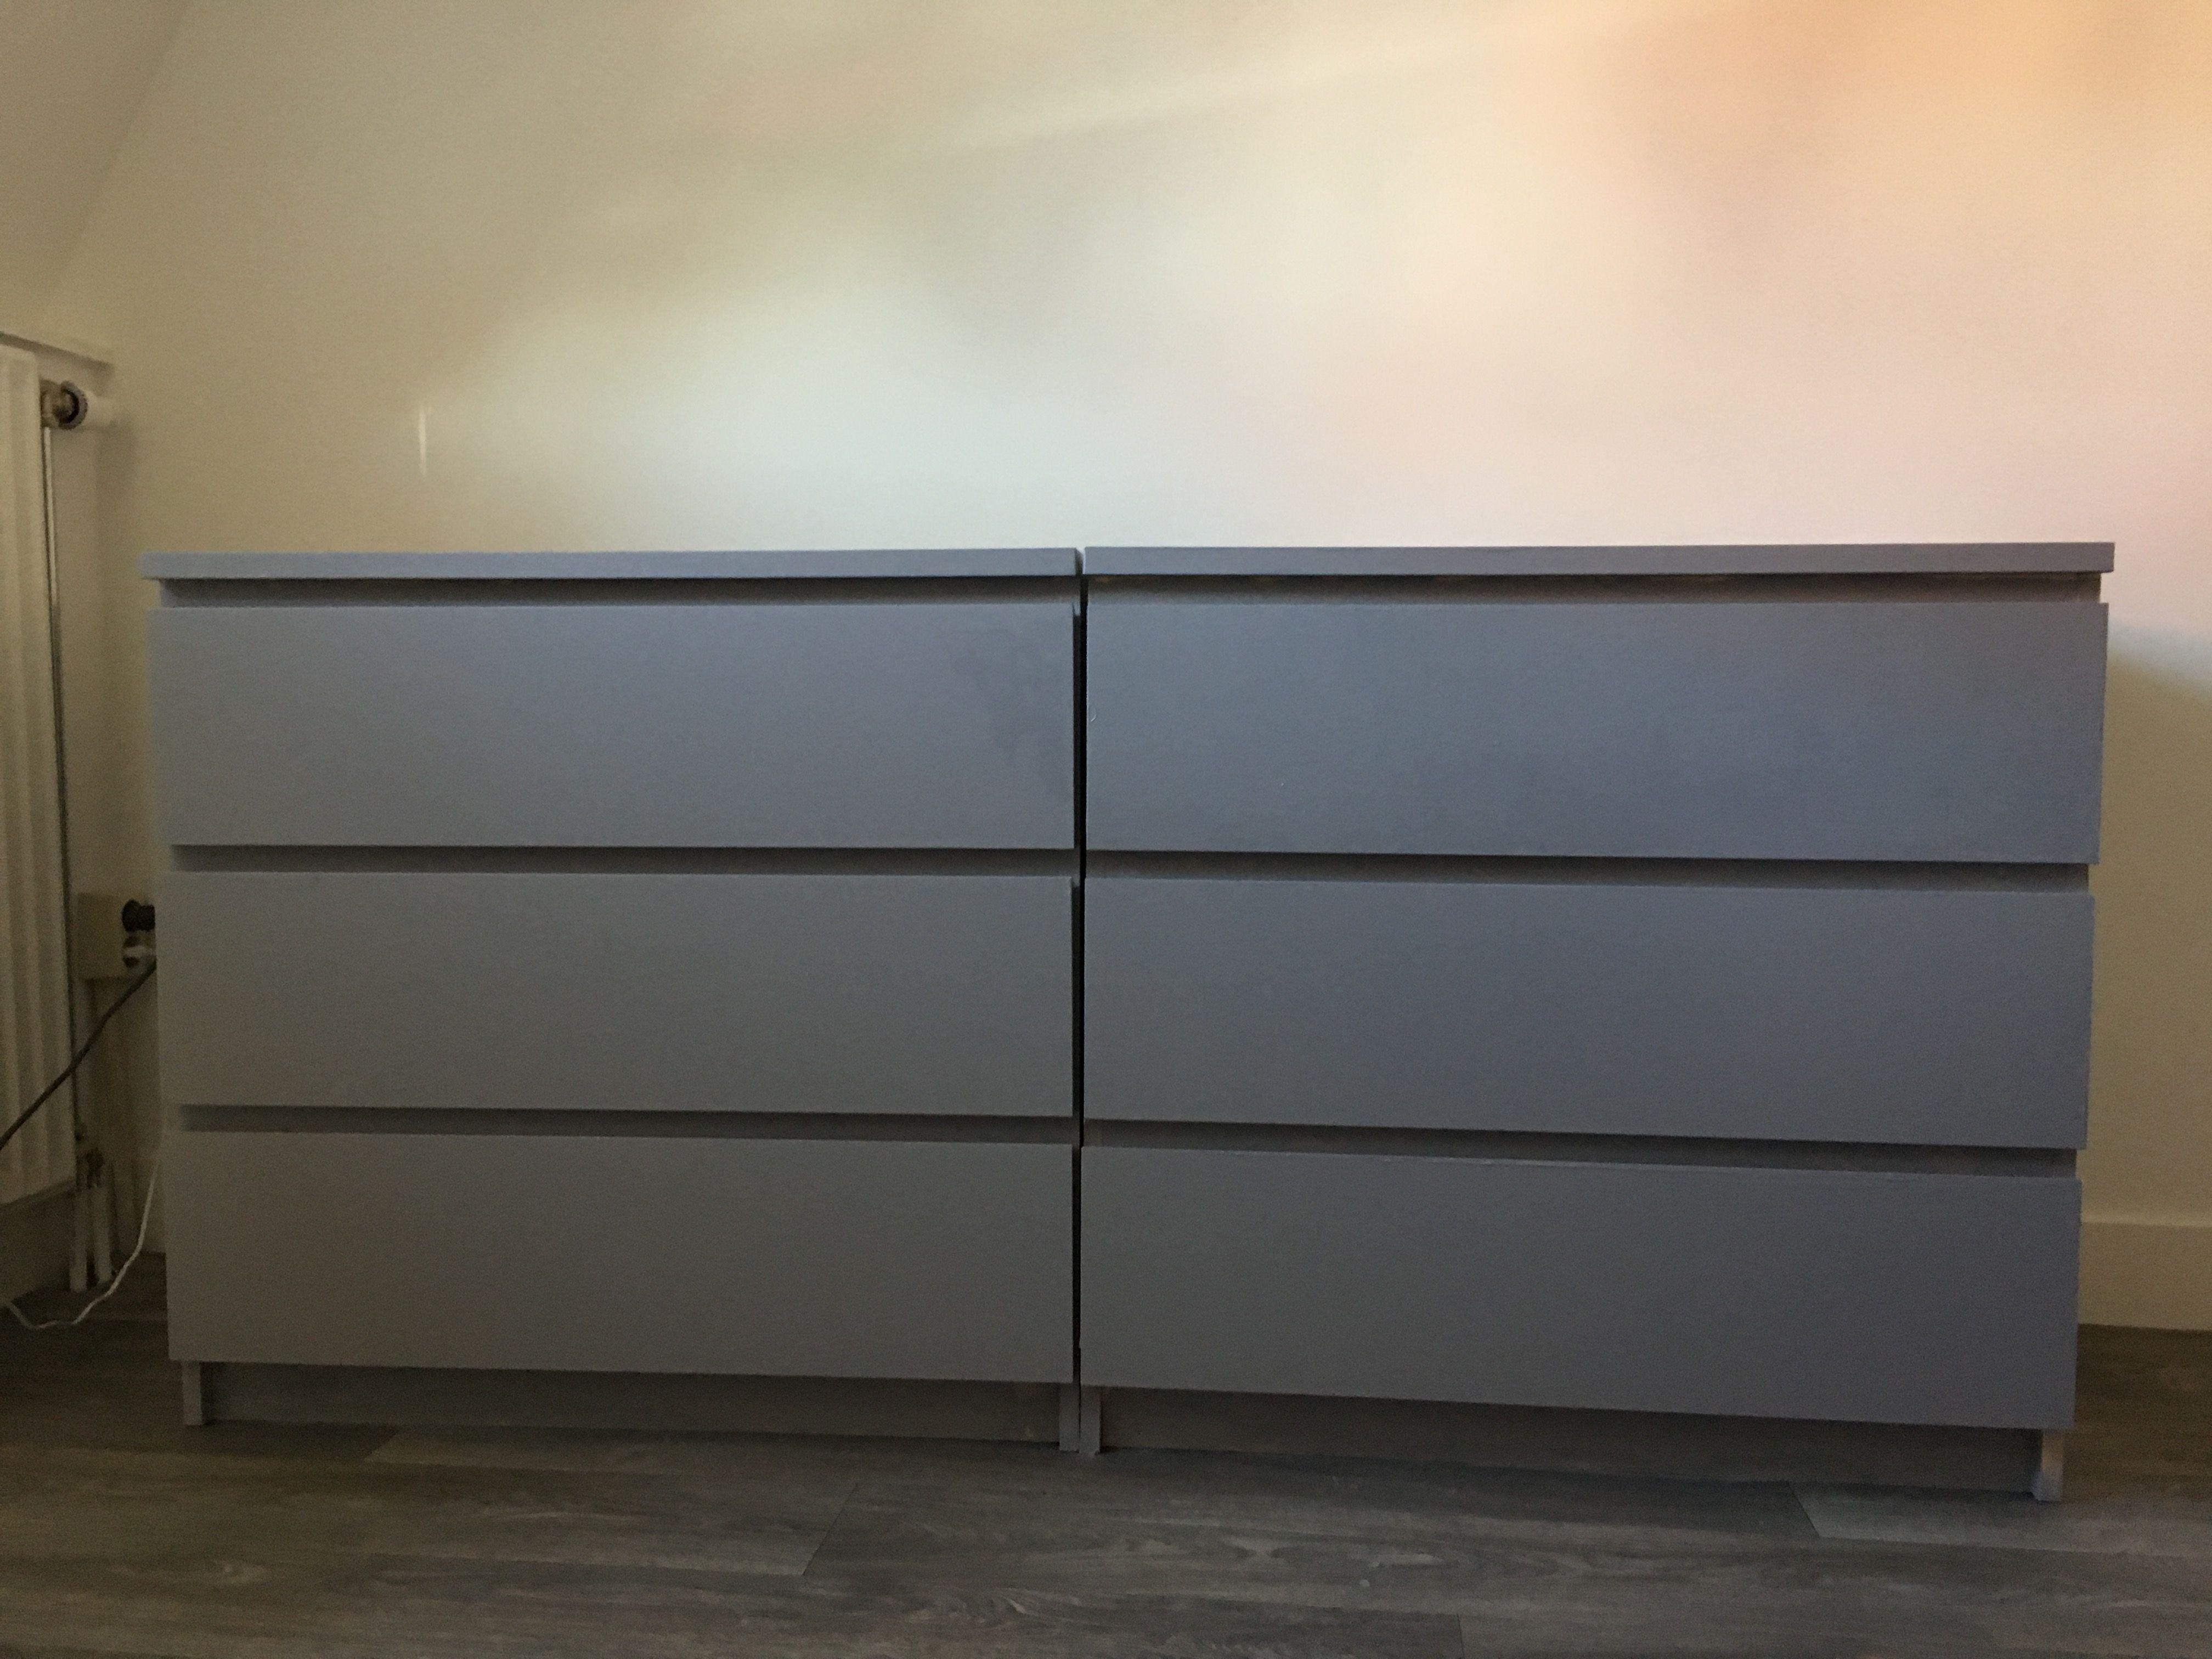 Cd Kast Ikea : Ikea malm kast met ral acryl satijnlak van action geschilderd